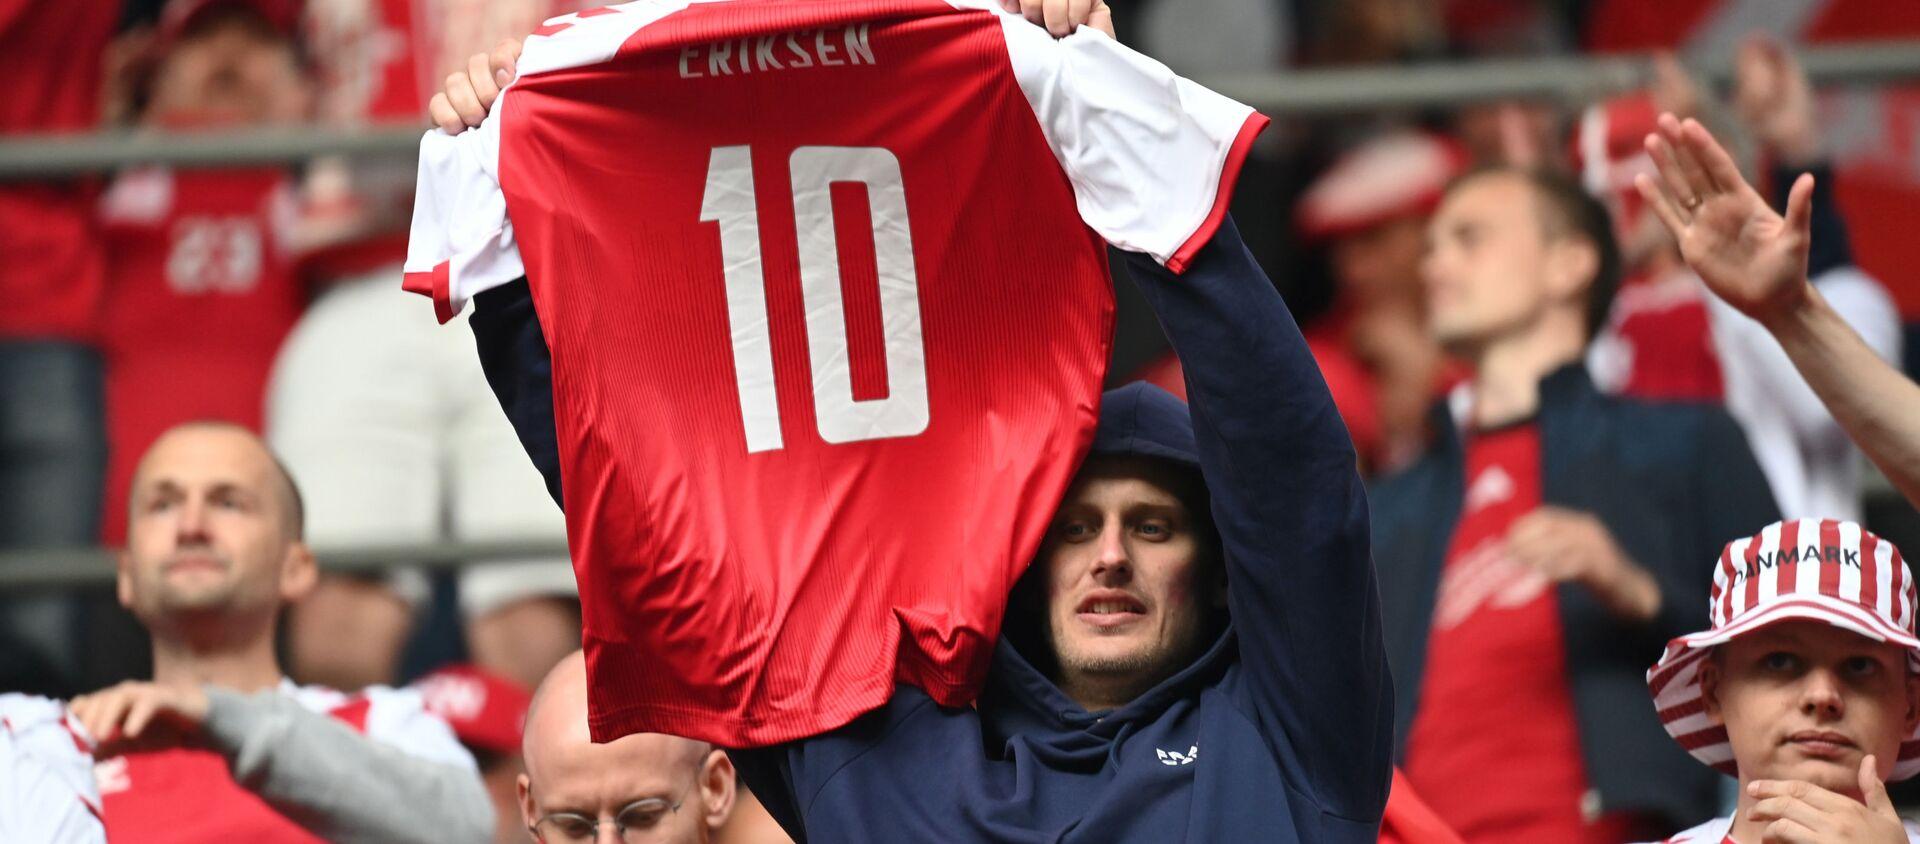 Болельщик сборной Дании держит футболку с номером Кристиана Эриксена - Sputnik Азербайджан, 1920, 13.06.2021